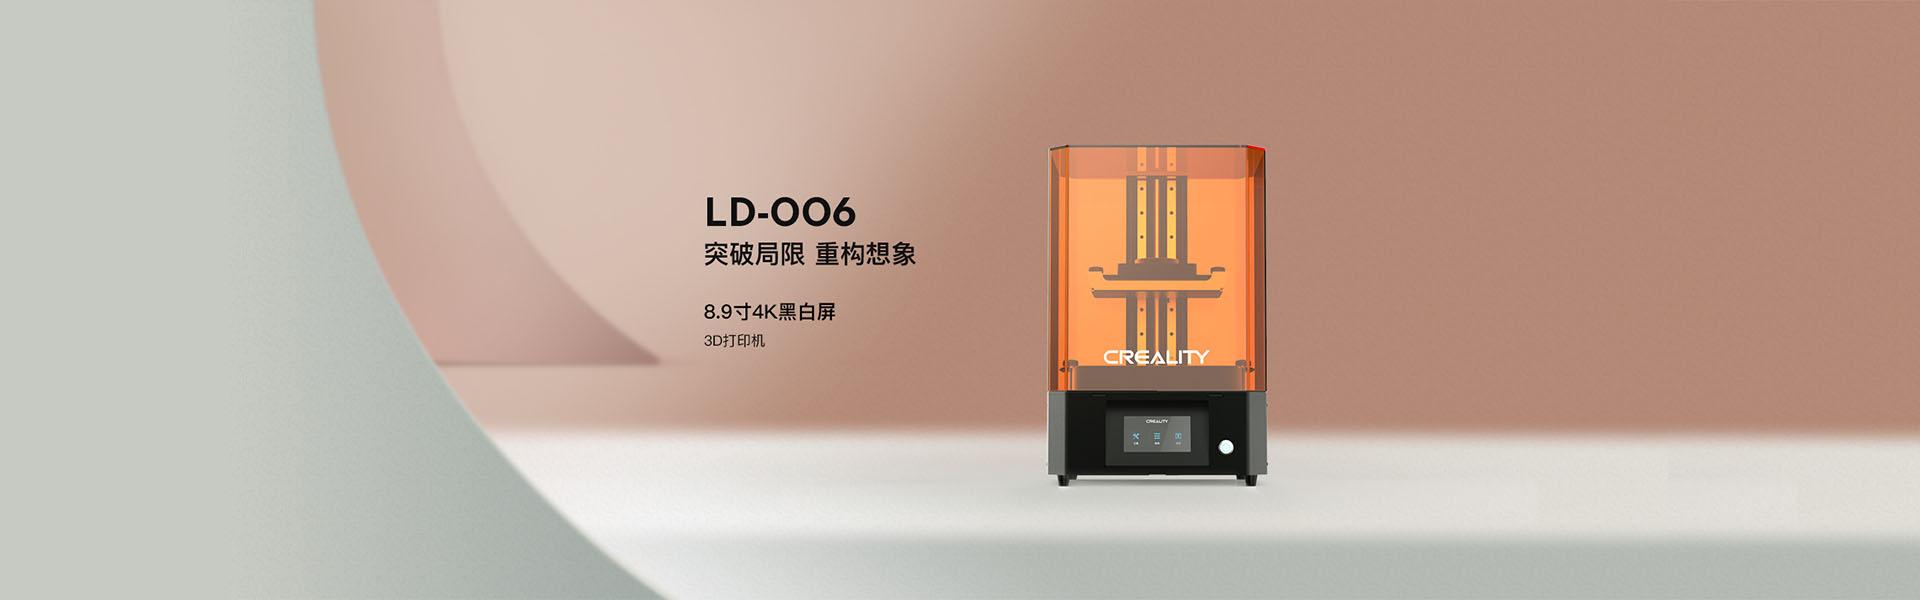 突破局限   重构想象 LD-006 光固化3D打印机